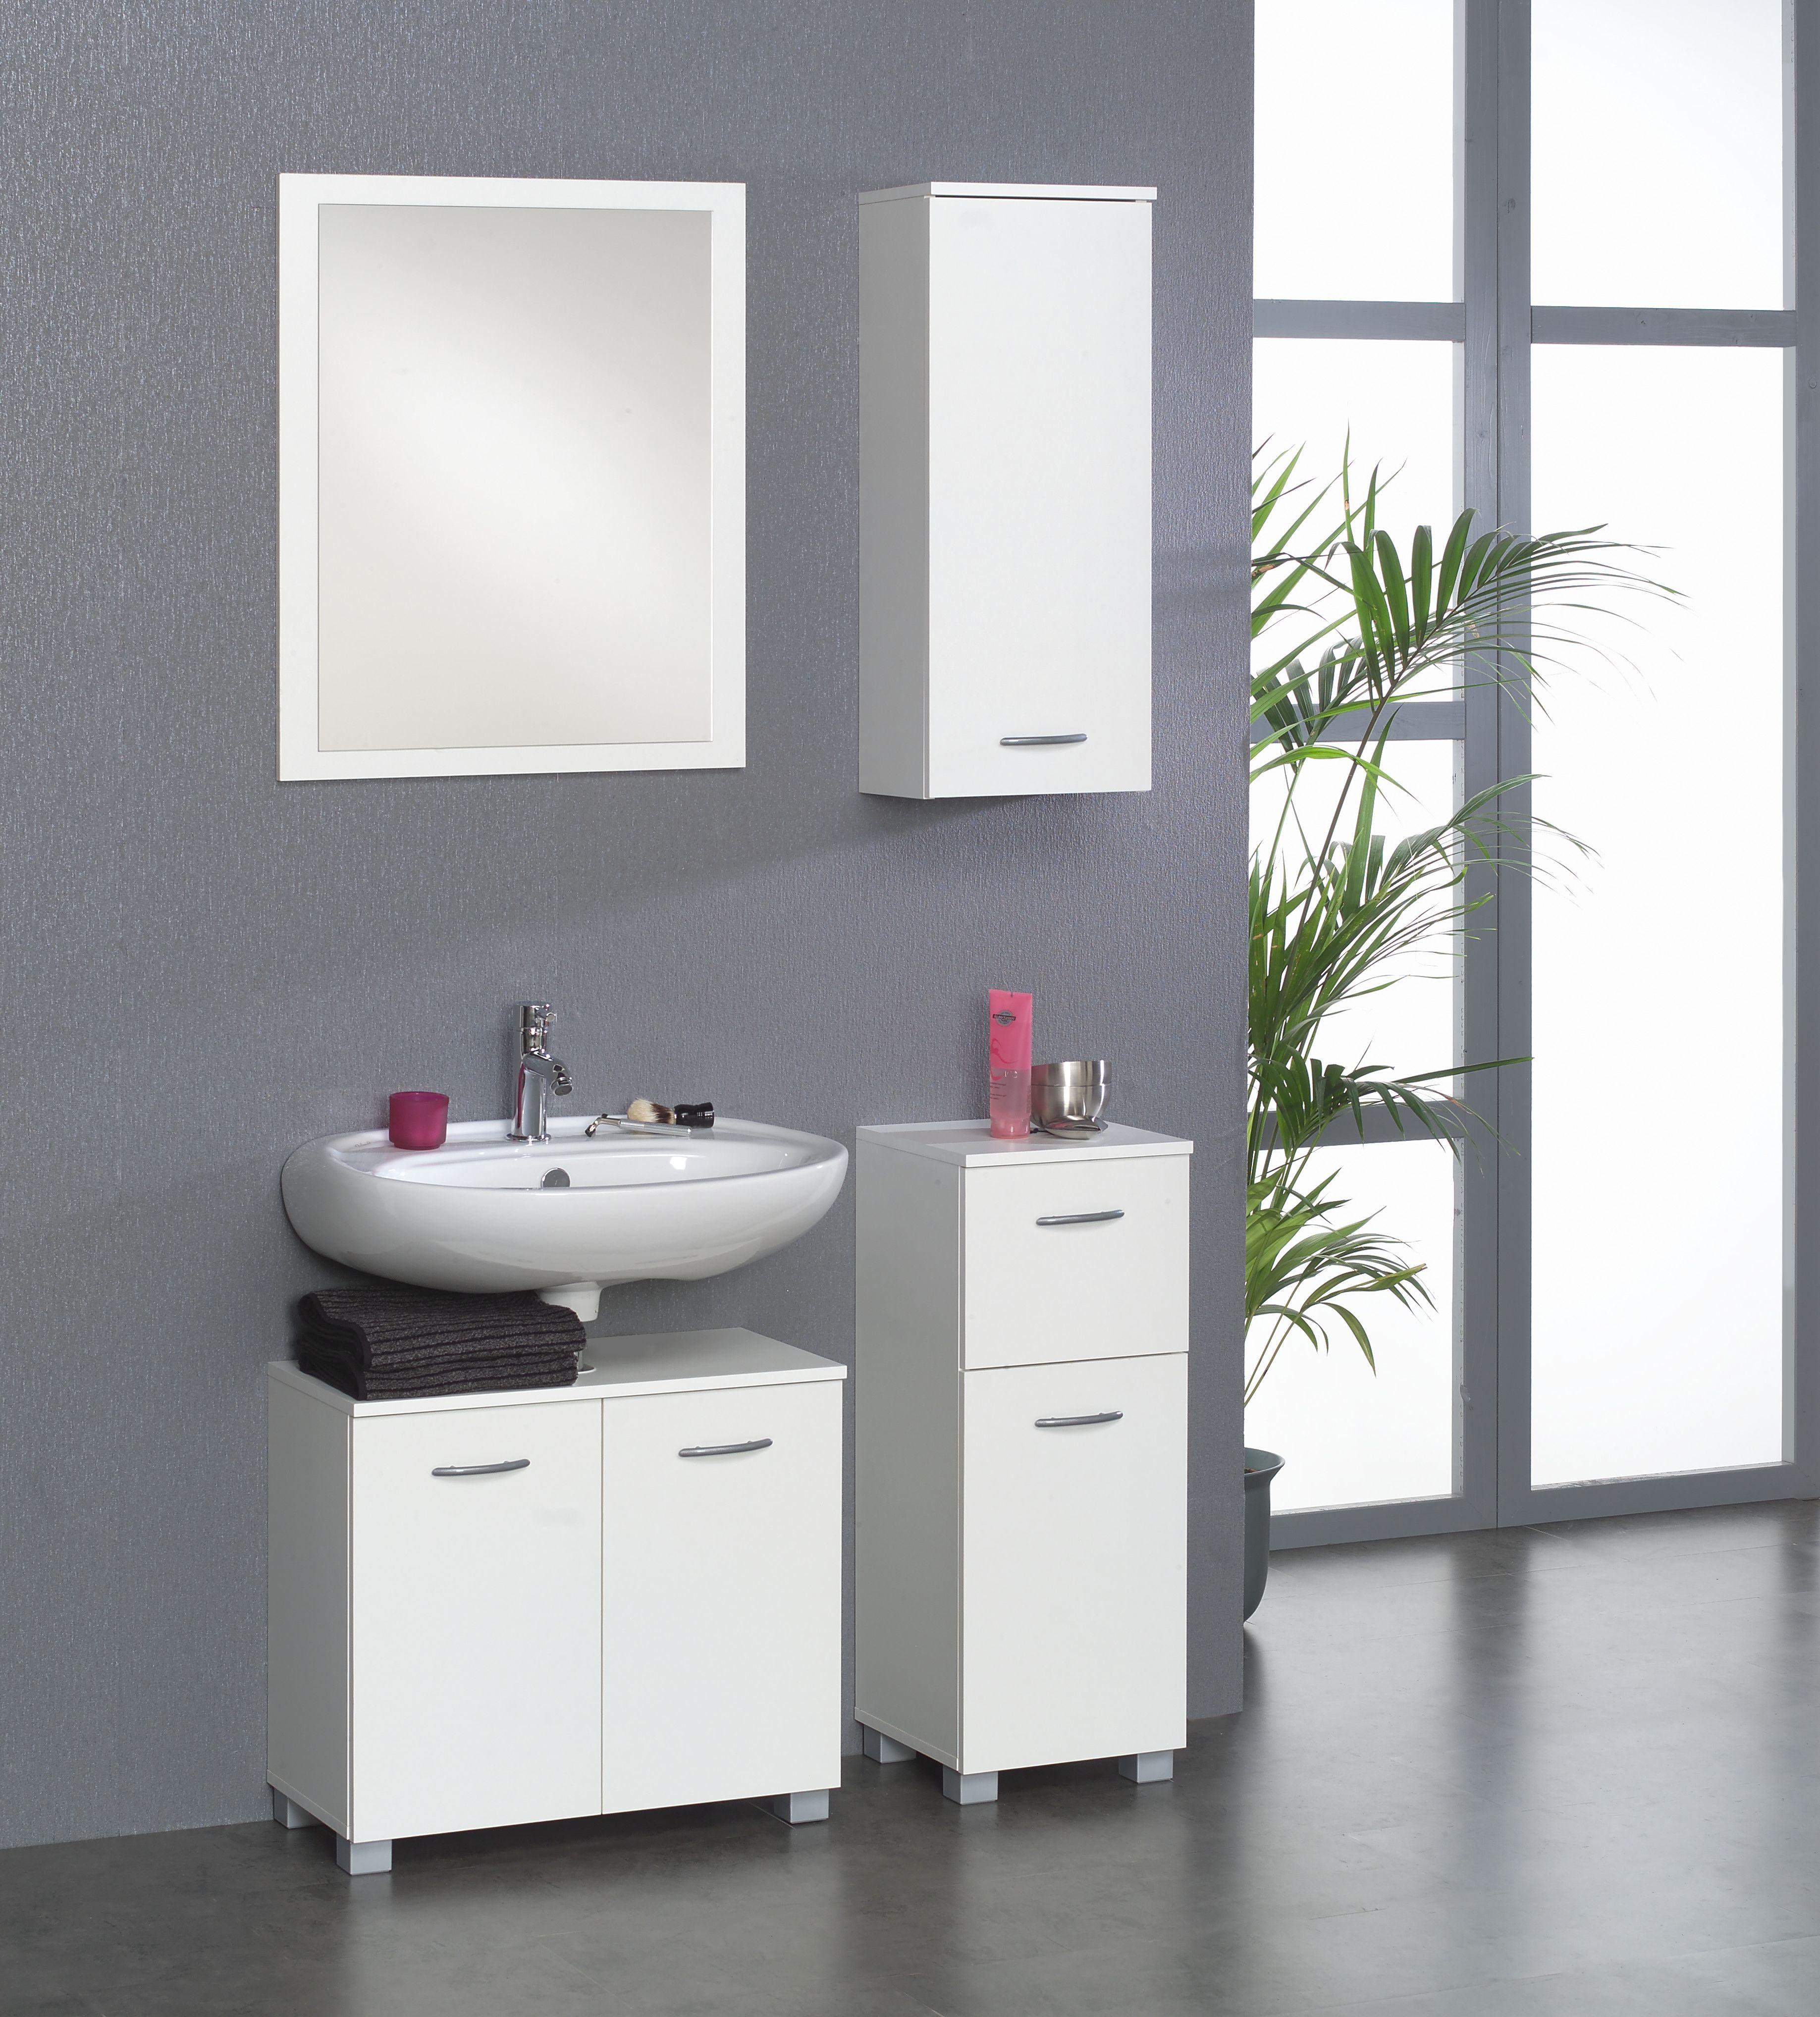 Badezimmer mit 2 waschtischen badezimmer weiss woody  melamin modern jetzt bestellen